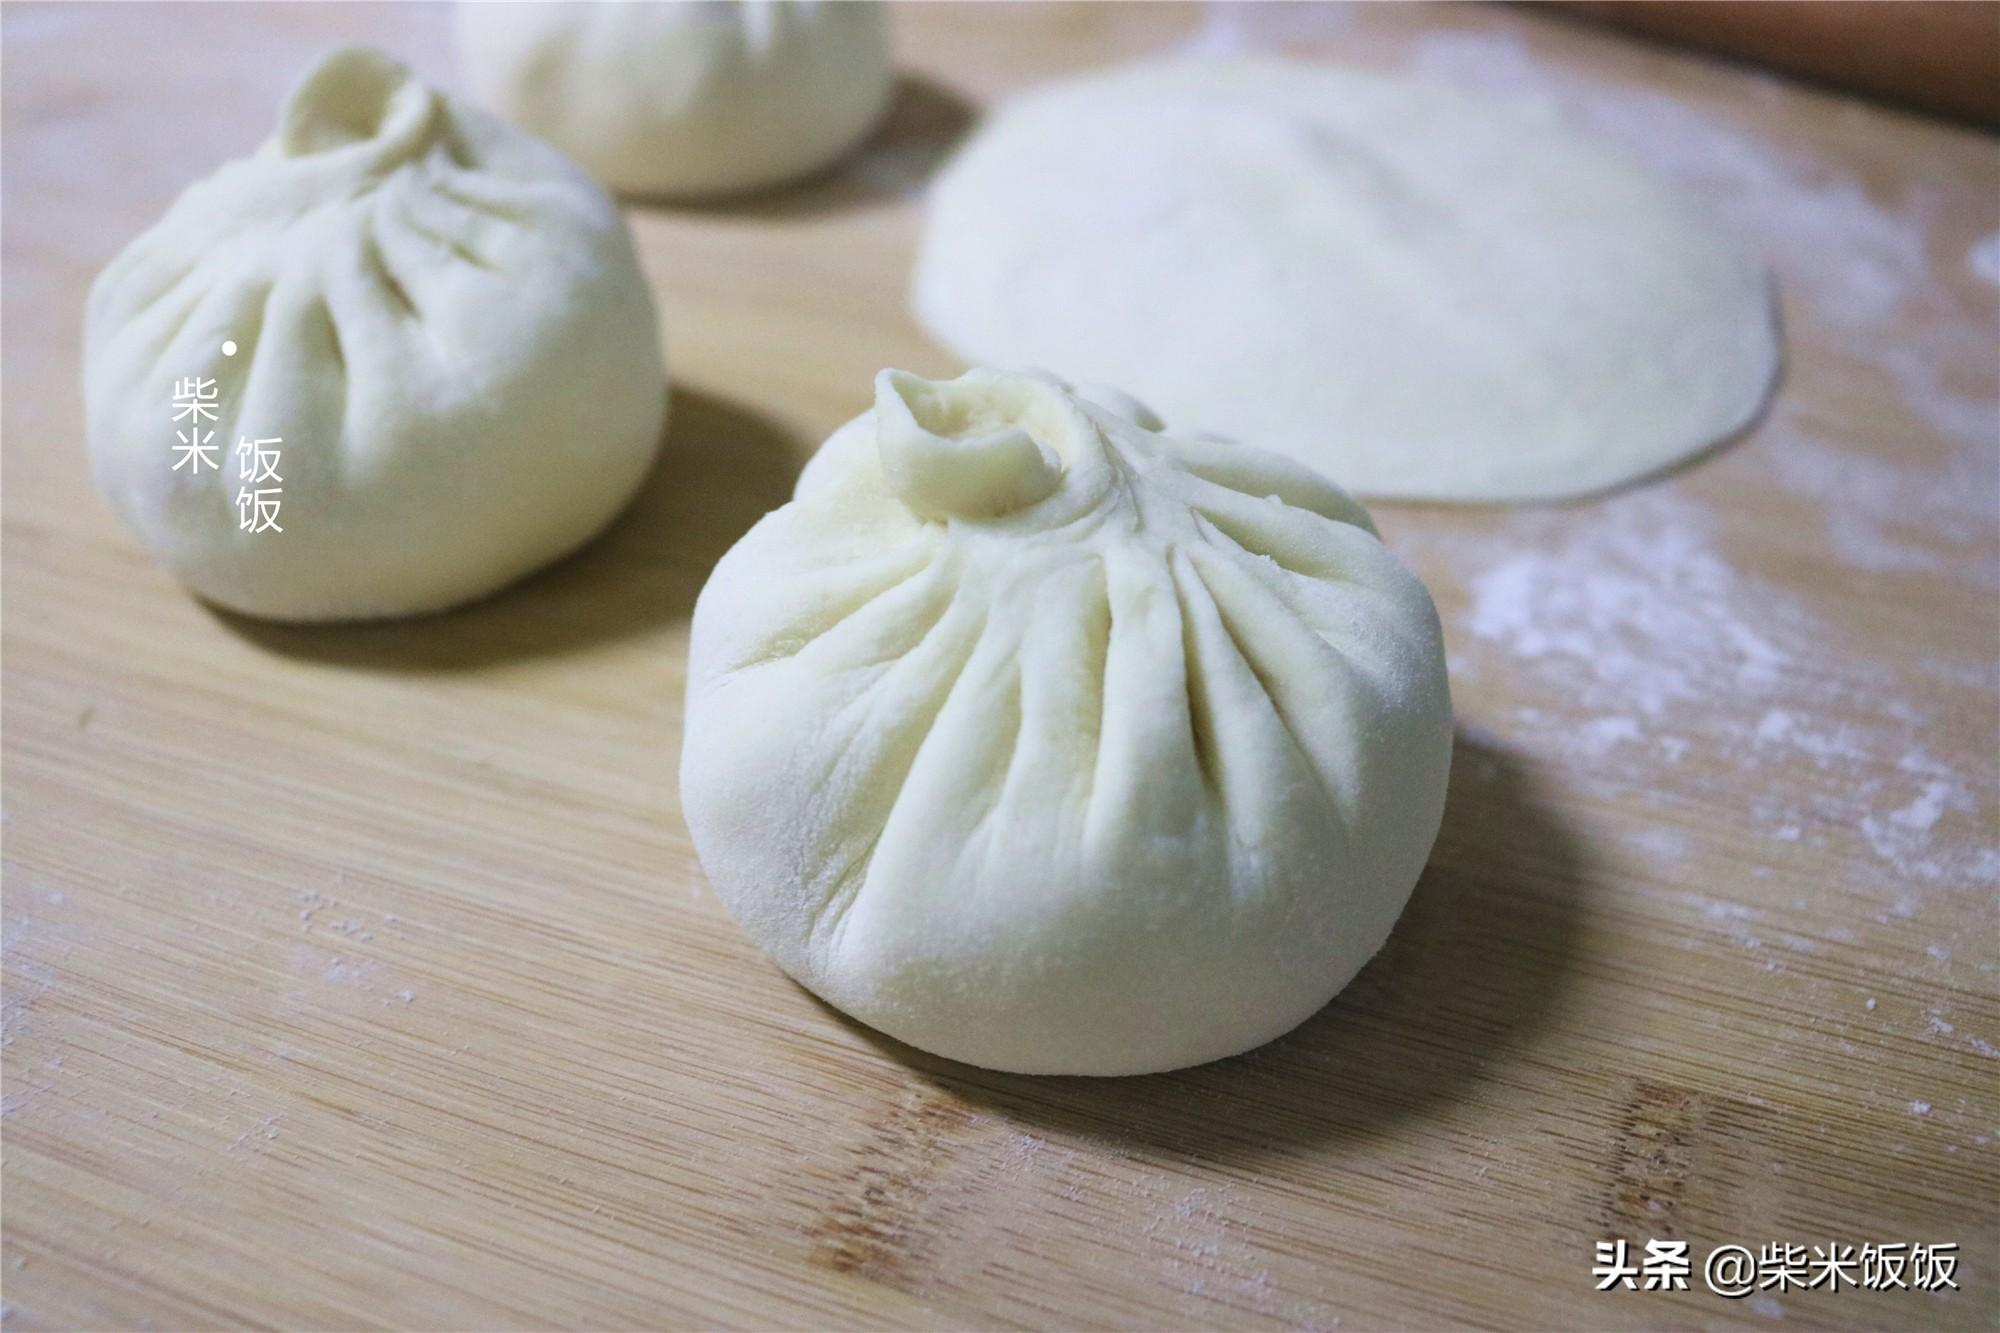 蘿蔔包子要好吃,換種方法來調餡,柔軟鮮香,美味又多汁